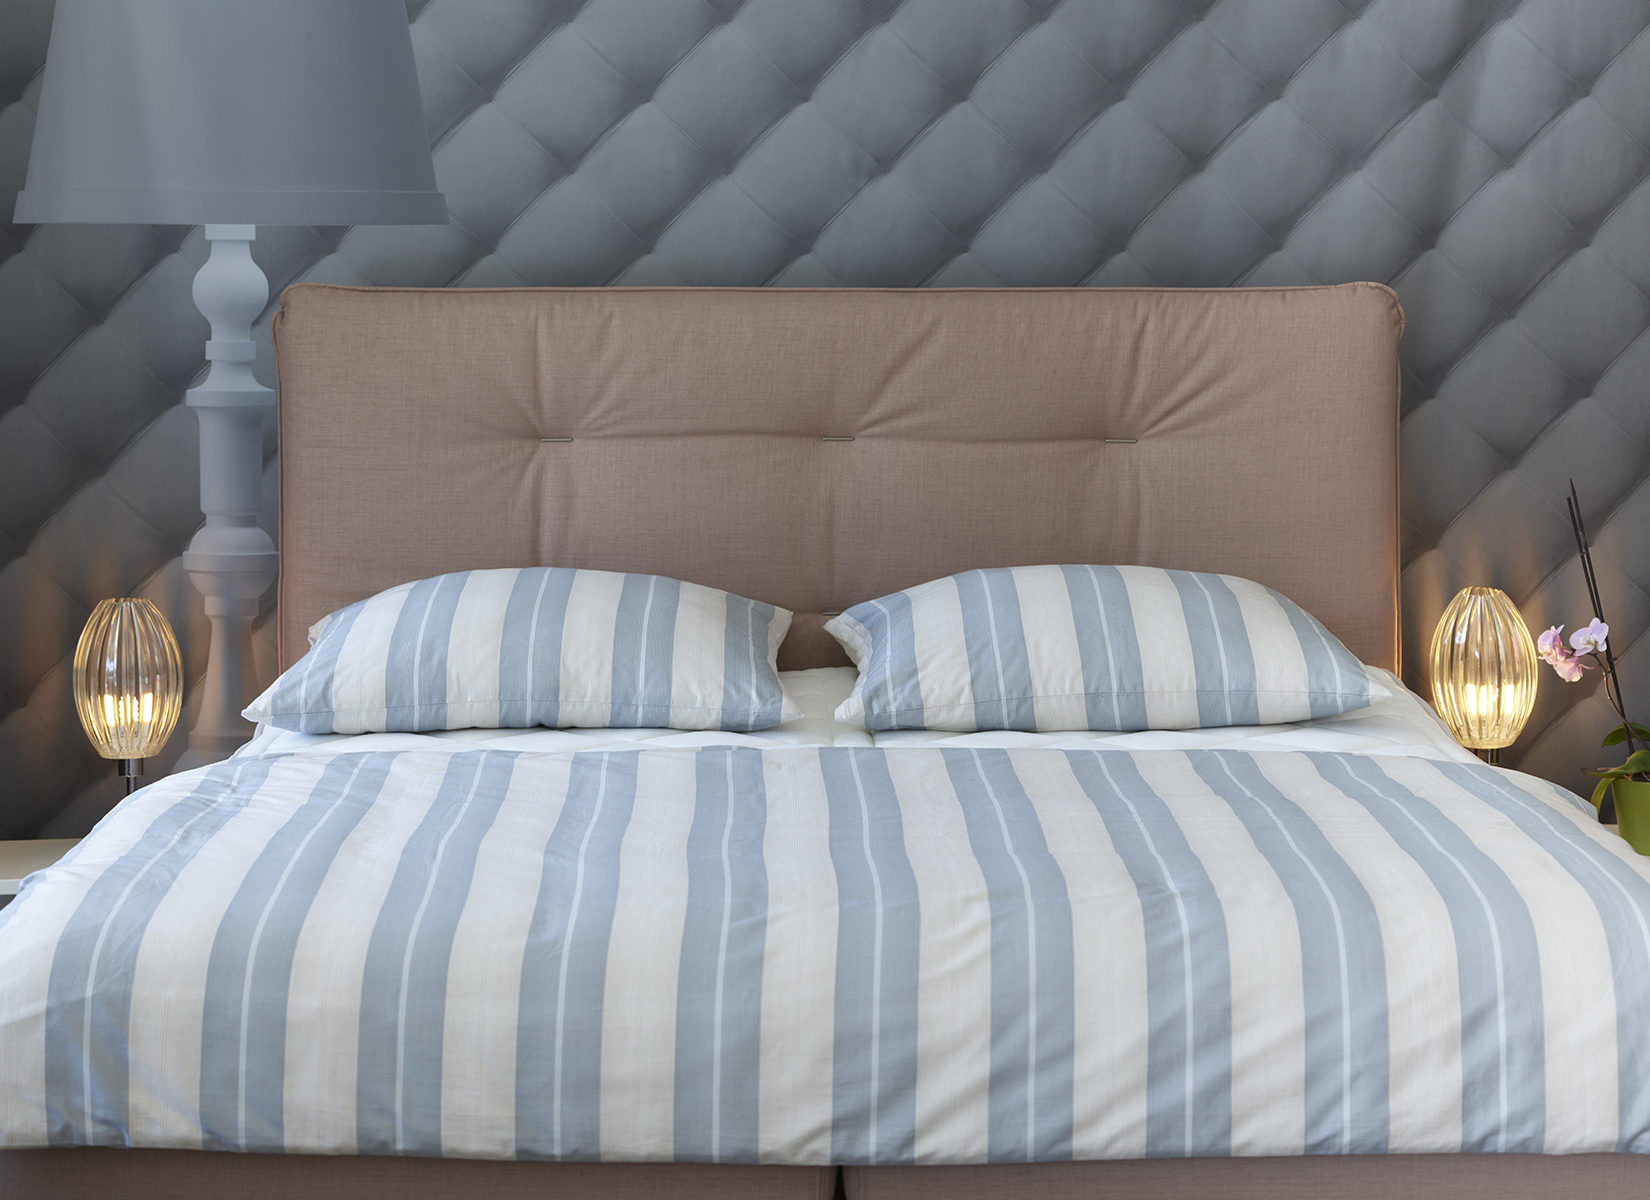 innovative matratze fur doppelbett erlaubt eine bewegungsfreiheit, Schlafzimmer entwurf